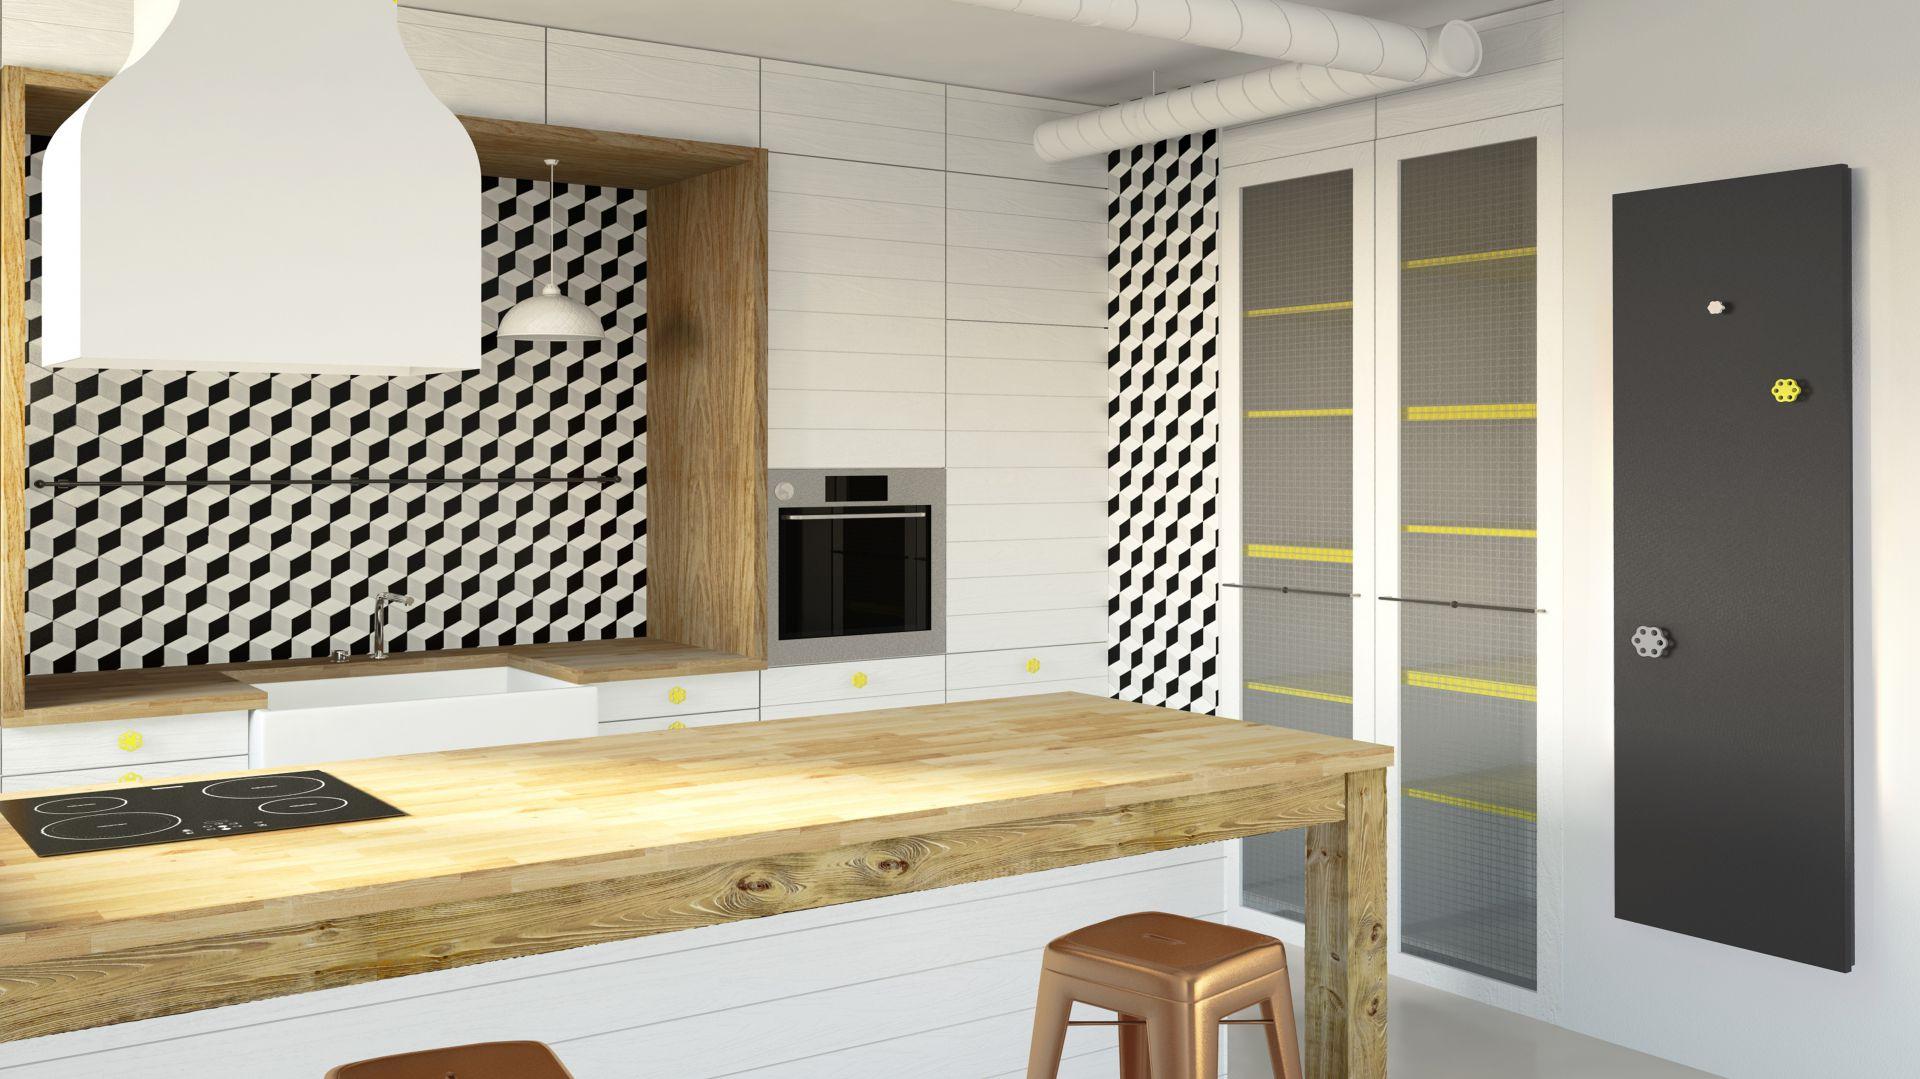 Grzejnik Inventio & uchwyt Mua Fi/Instal-Projekt. Produkt zgłoszony do konkursu Dobry Design 2018.